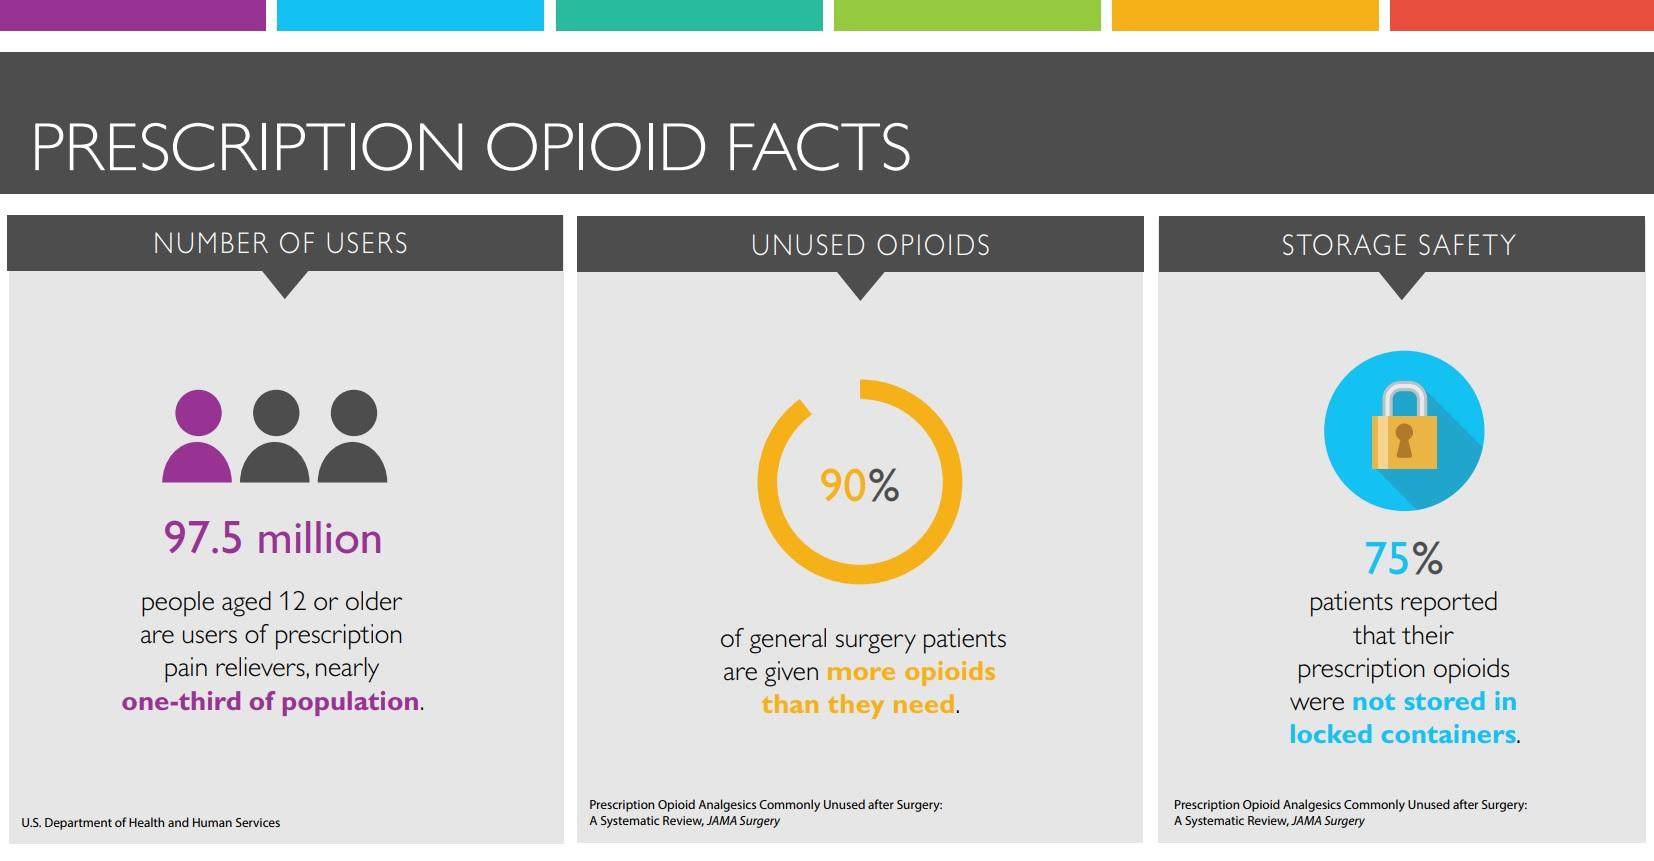 Prescription Opioid Factsheet - Fentanyl Fatalities